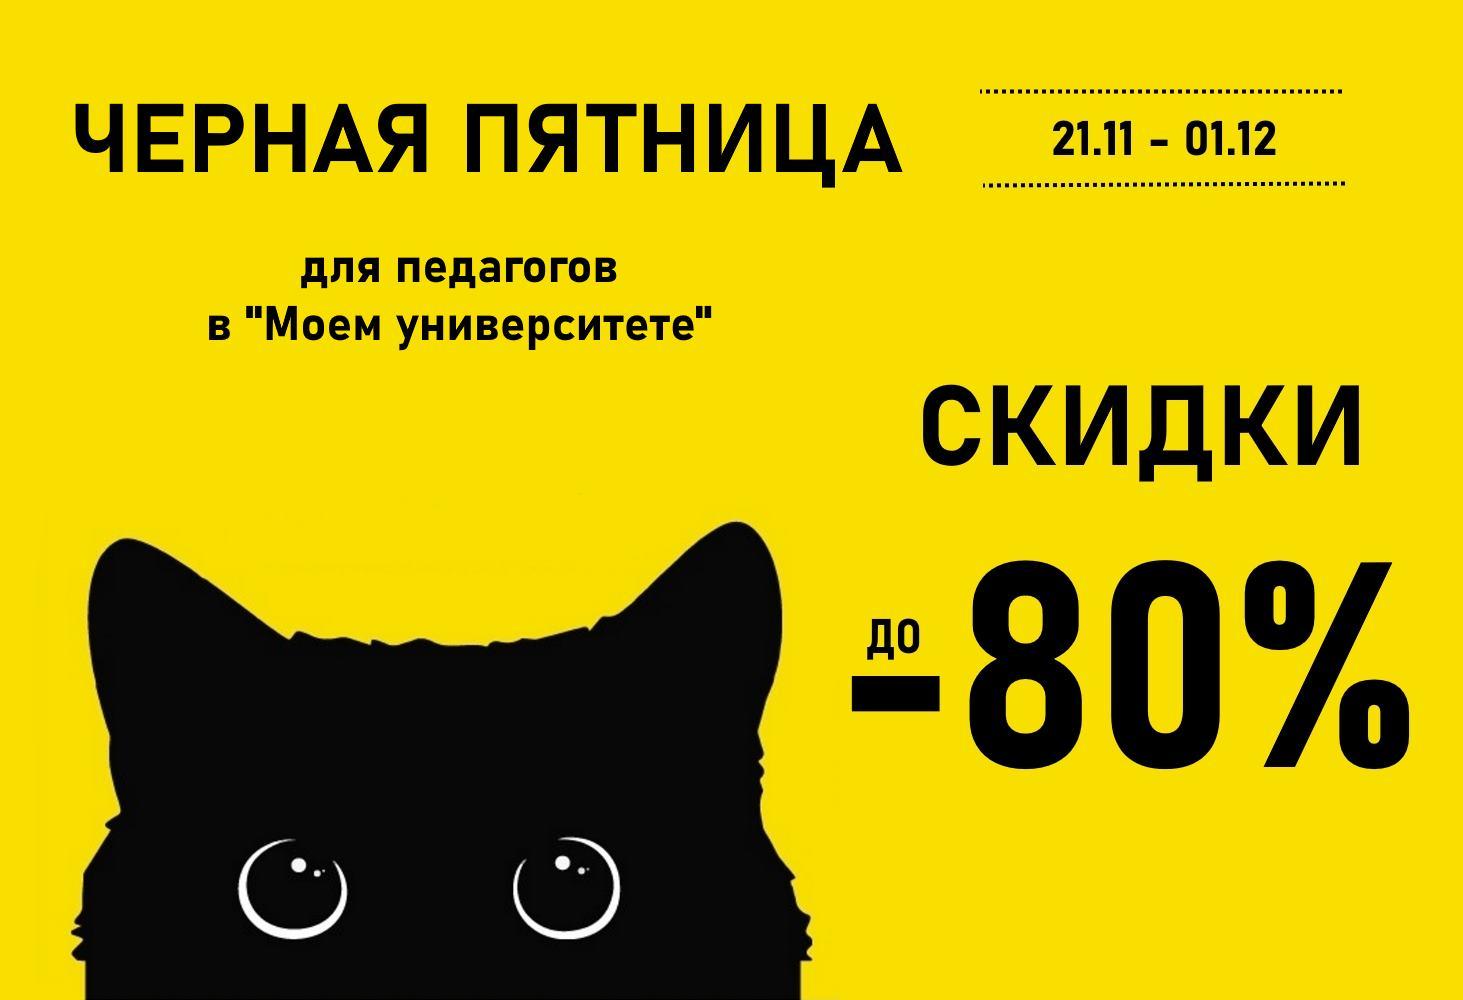 chernaya-pyatnitsa-skidki-do-80-na-vse-tovary-i-uslugi-dlya-pedagogov